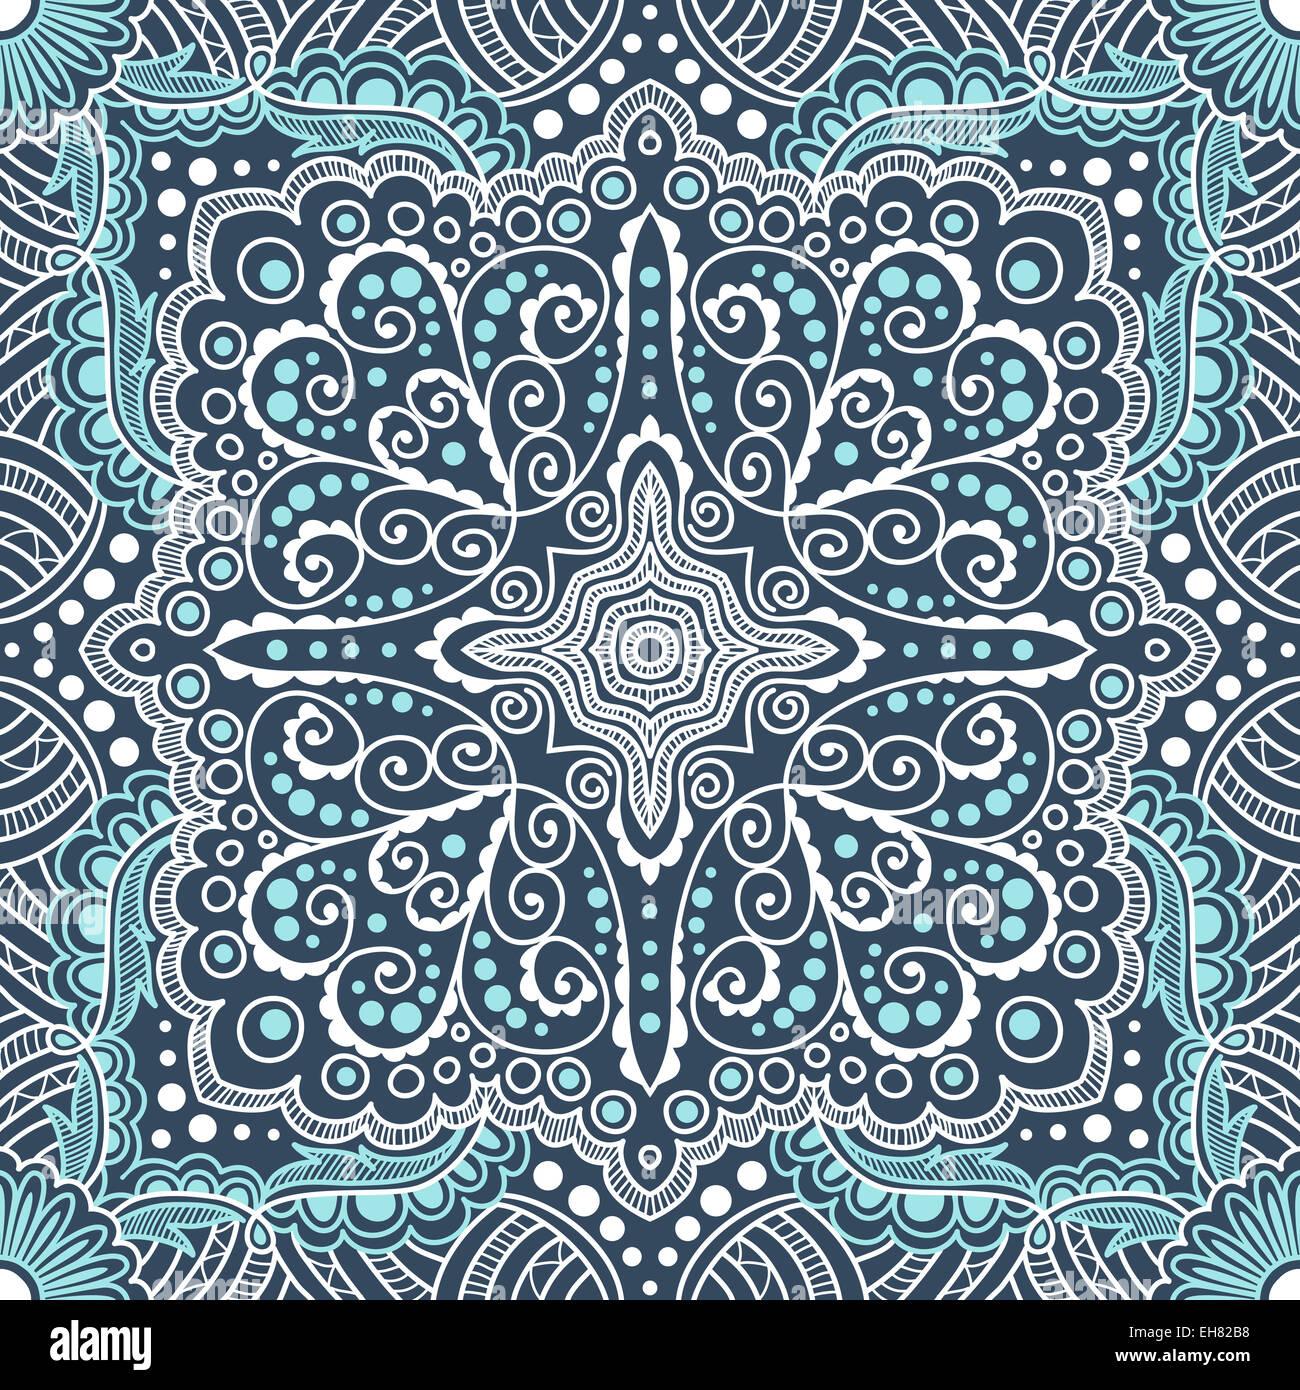 nahtlose blau Vektormuster von Spiralen, Spiralen, Ketten Stockfoto